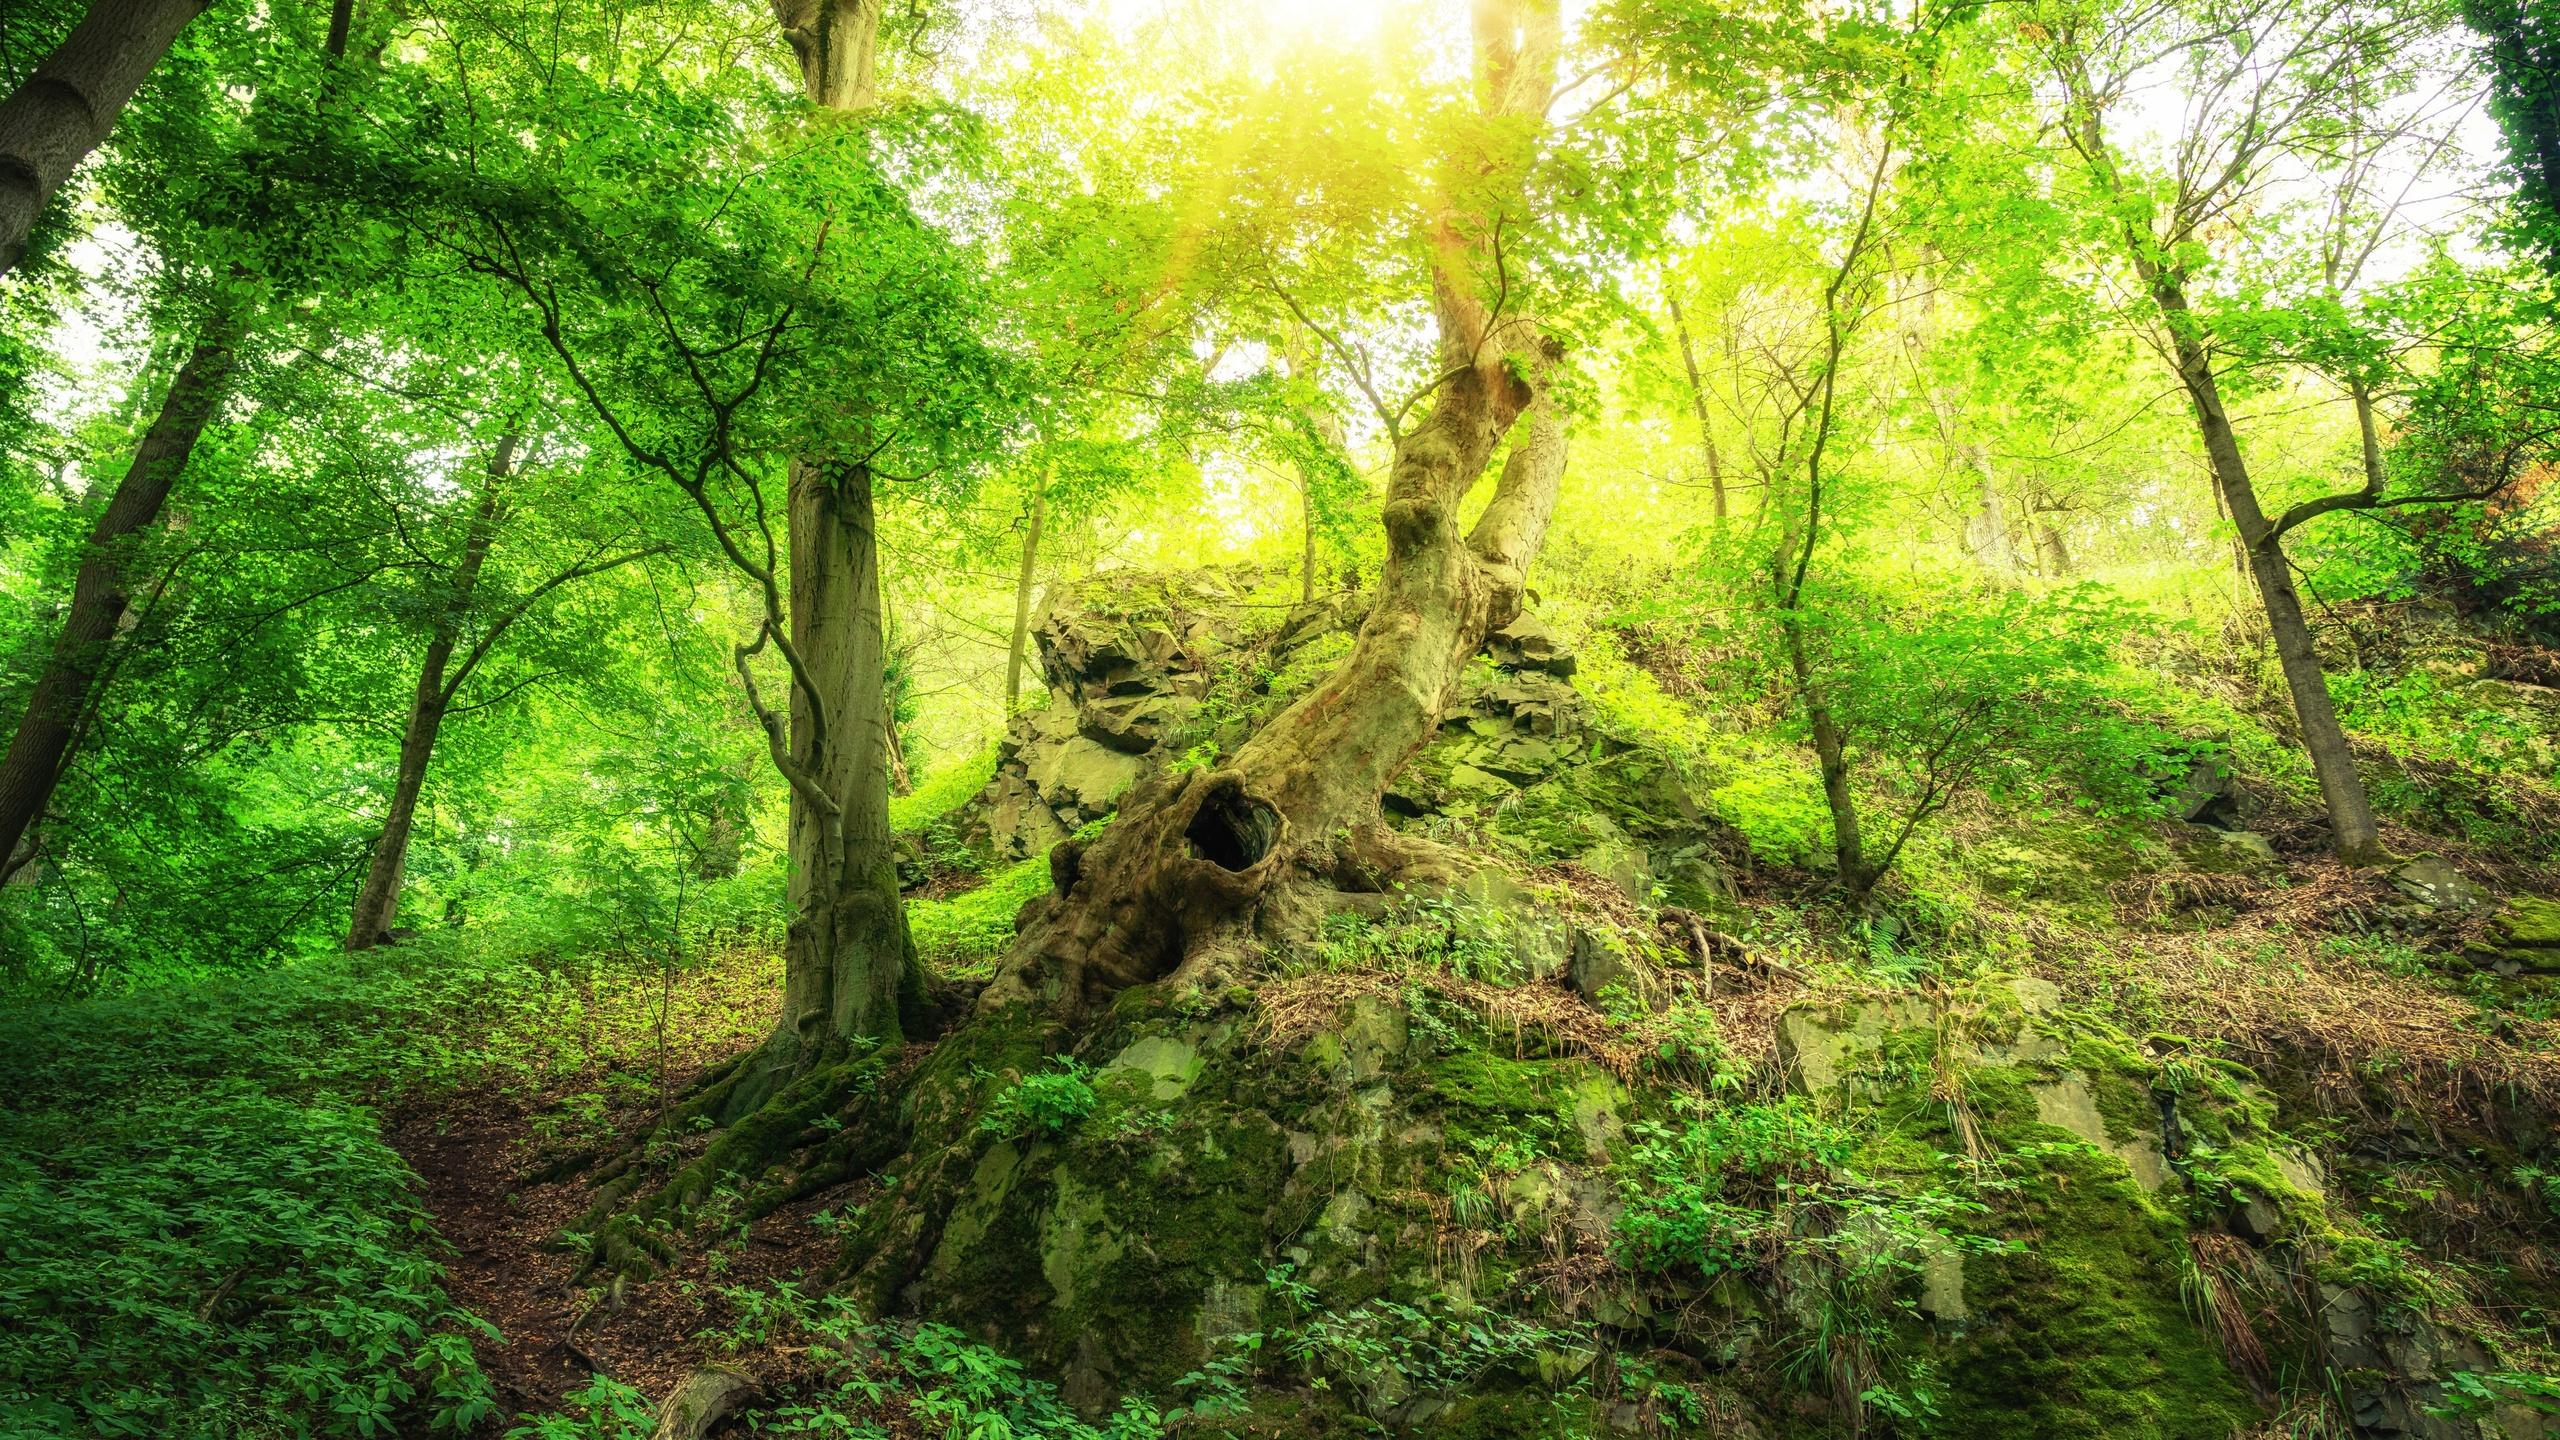 лес, деревья, холм, солнечные лучи, камни, природа